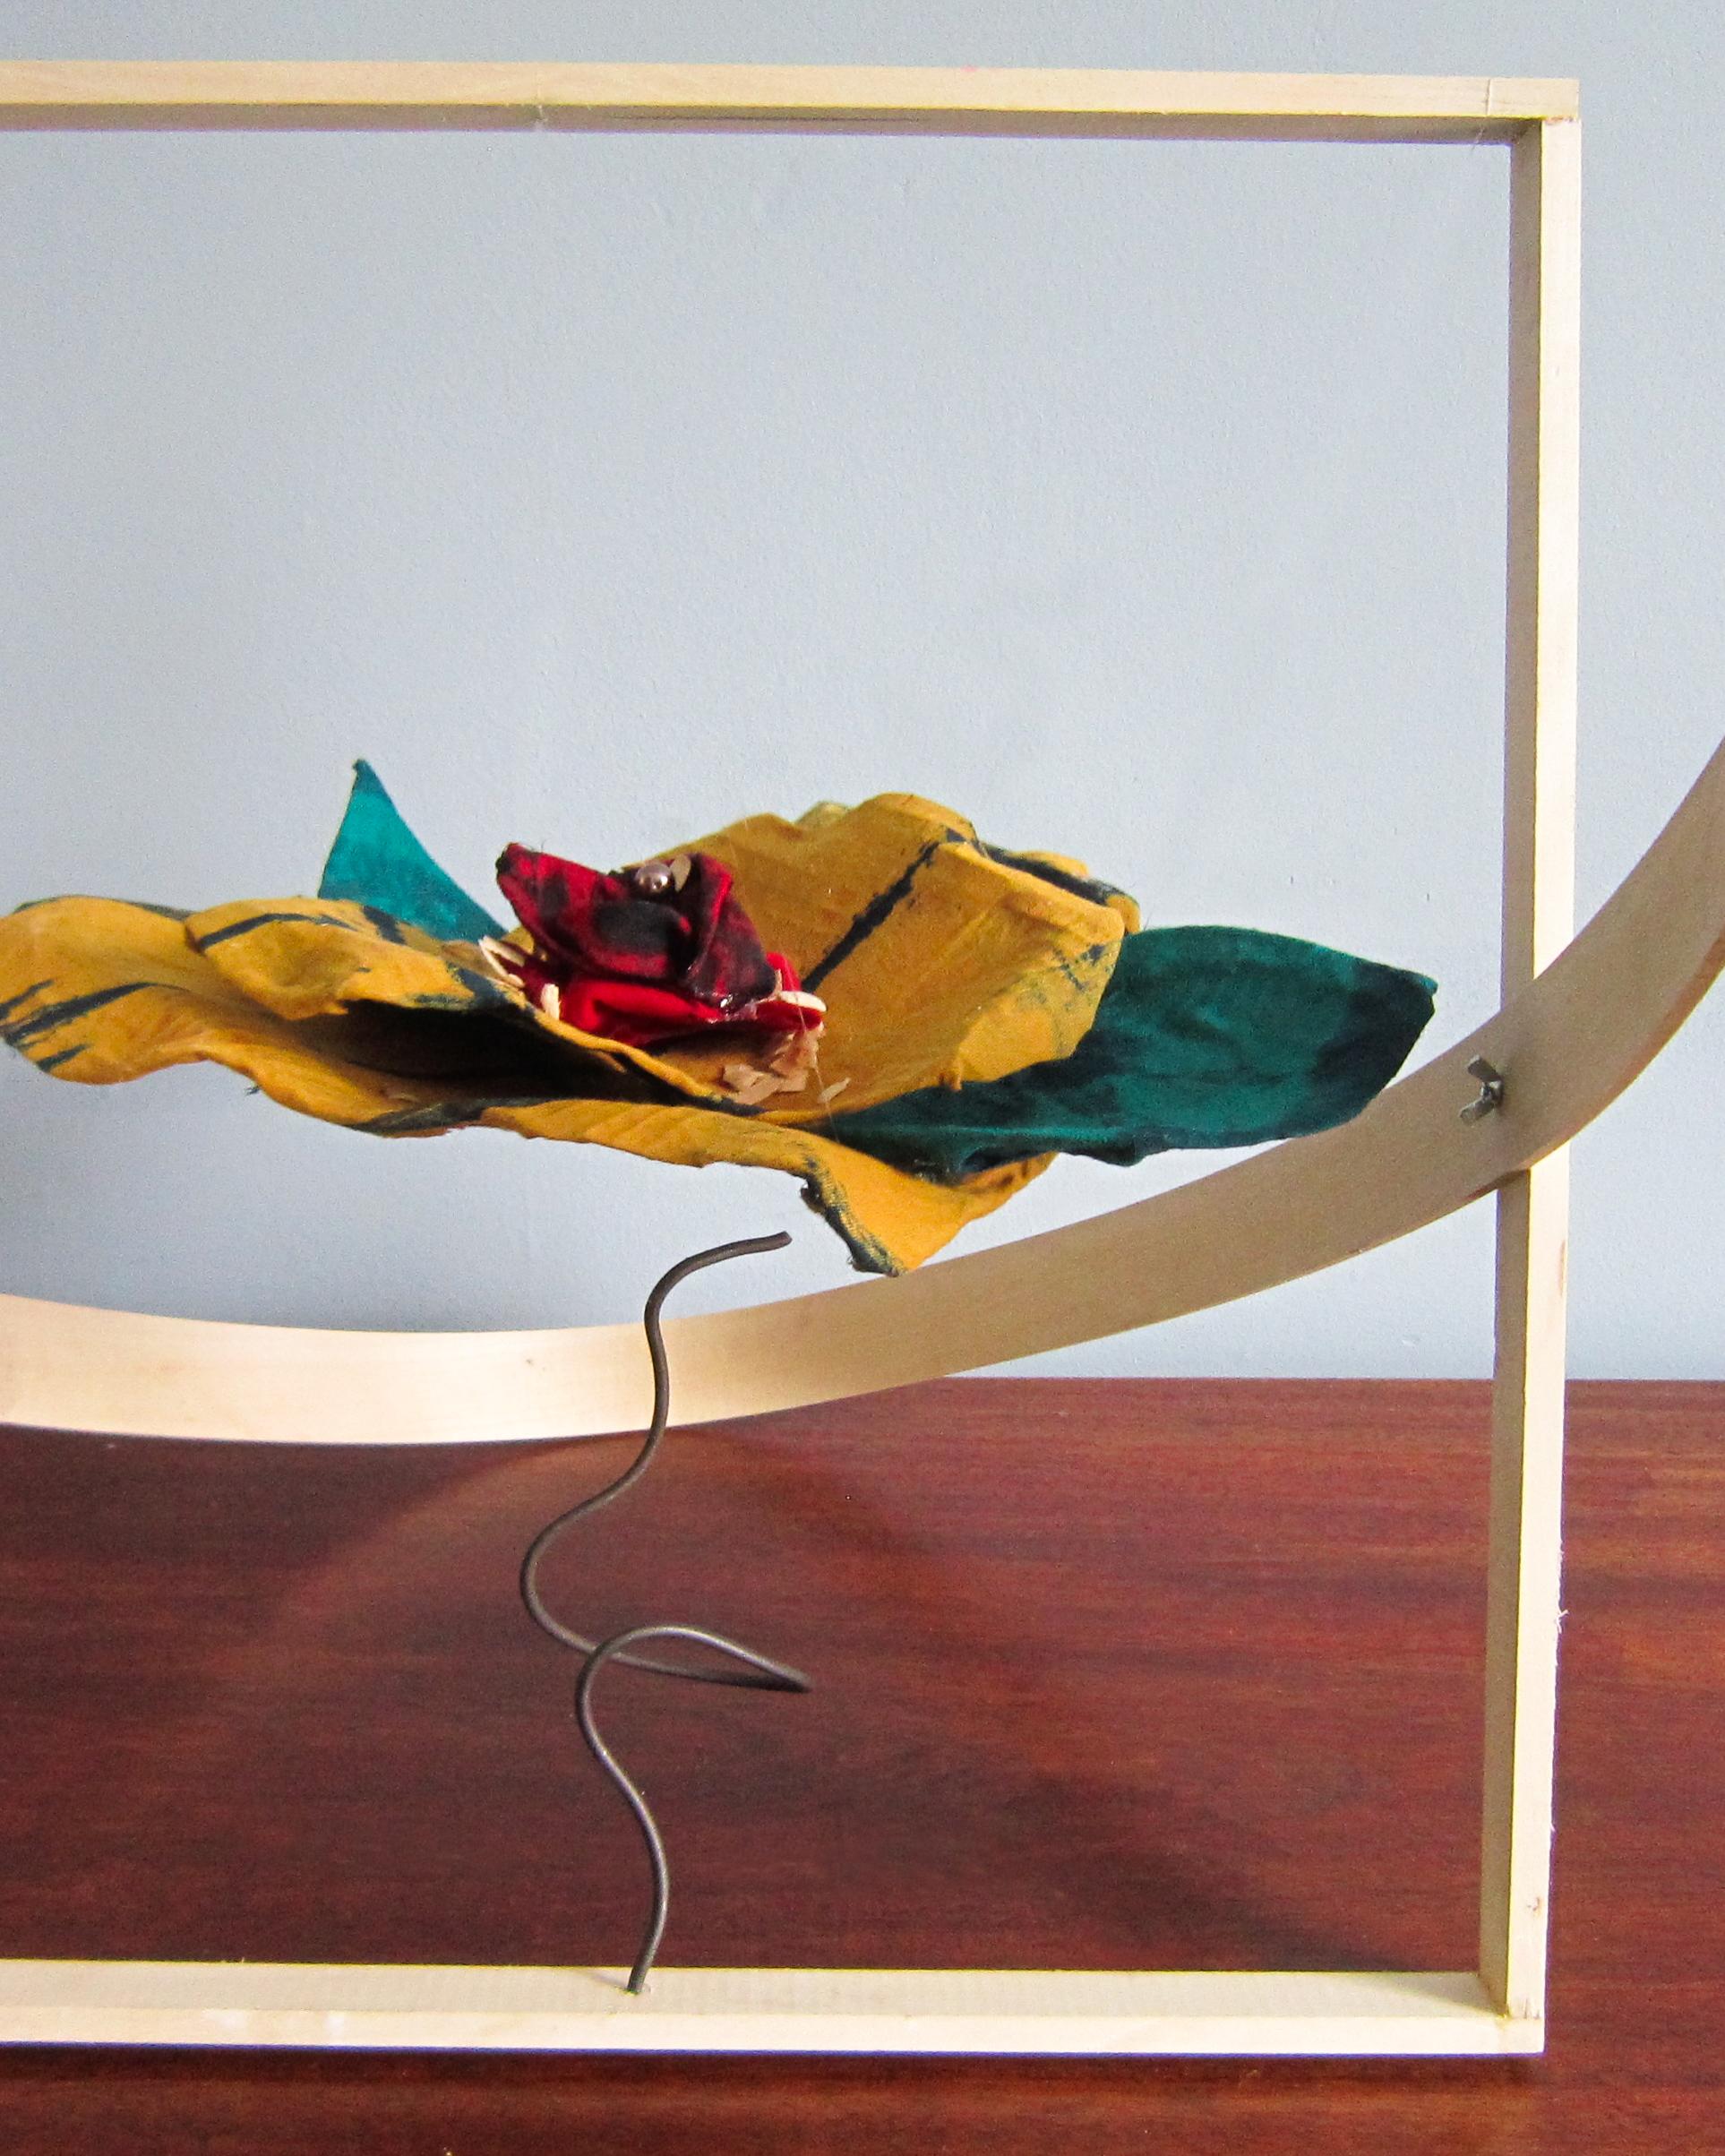 Oeuvres textiles - Construction de pièces originales, faites à la main, intégrant des éléments textiles et parfois combinés à d'autres matières. Ces oeuvres sont généralement destinées à être exposées (privé ou public).